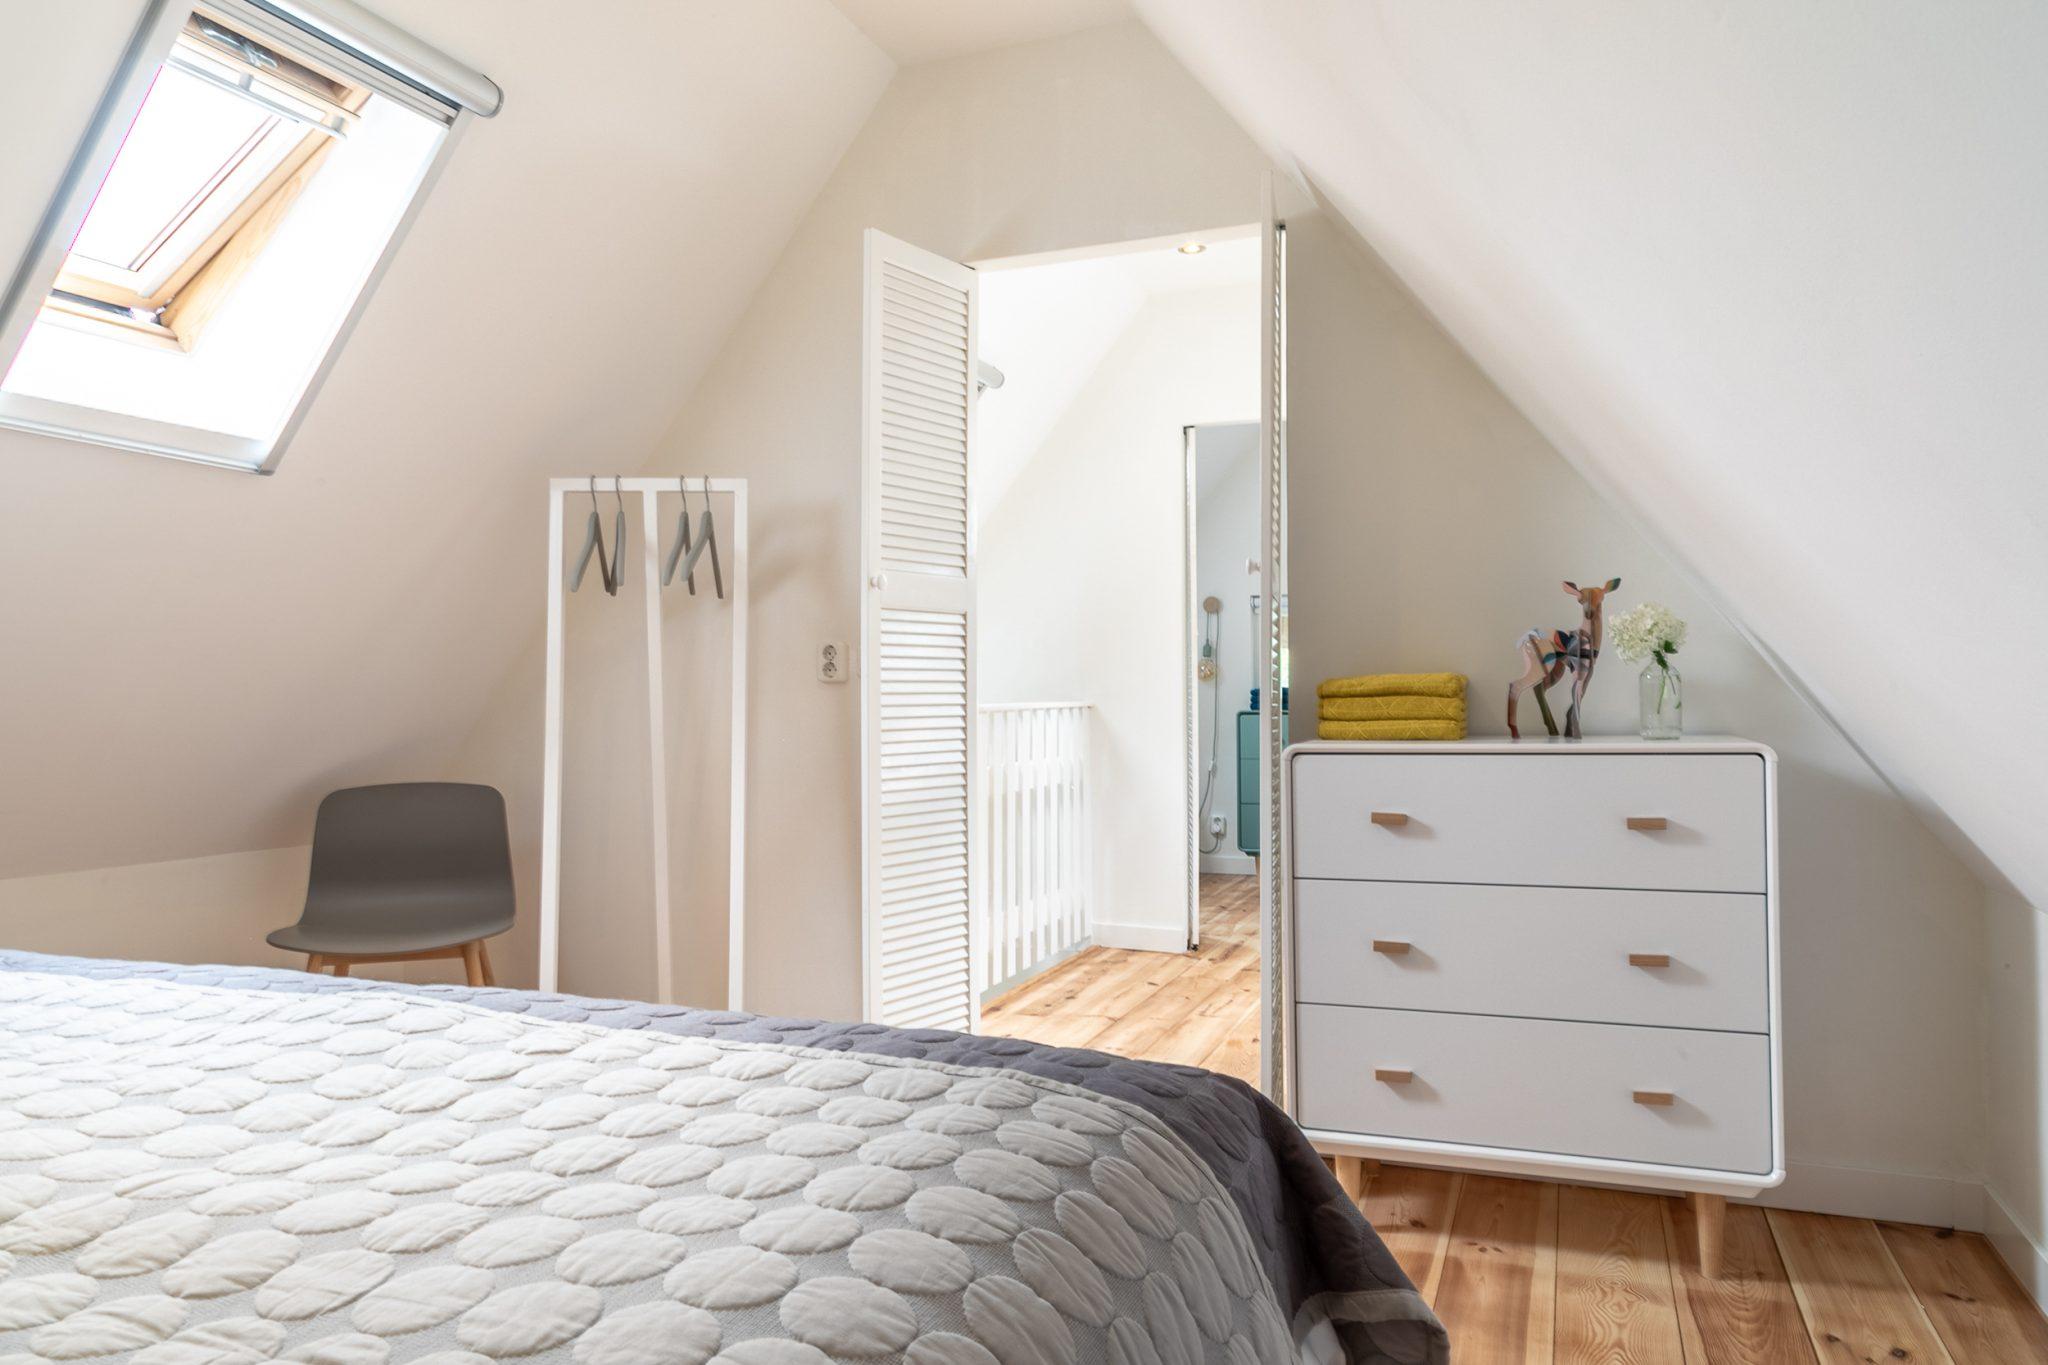 Antonia slaapkamer met kledingrek en kast bij Woudstee